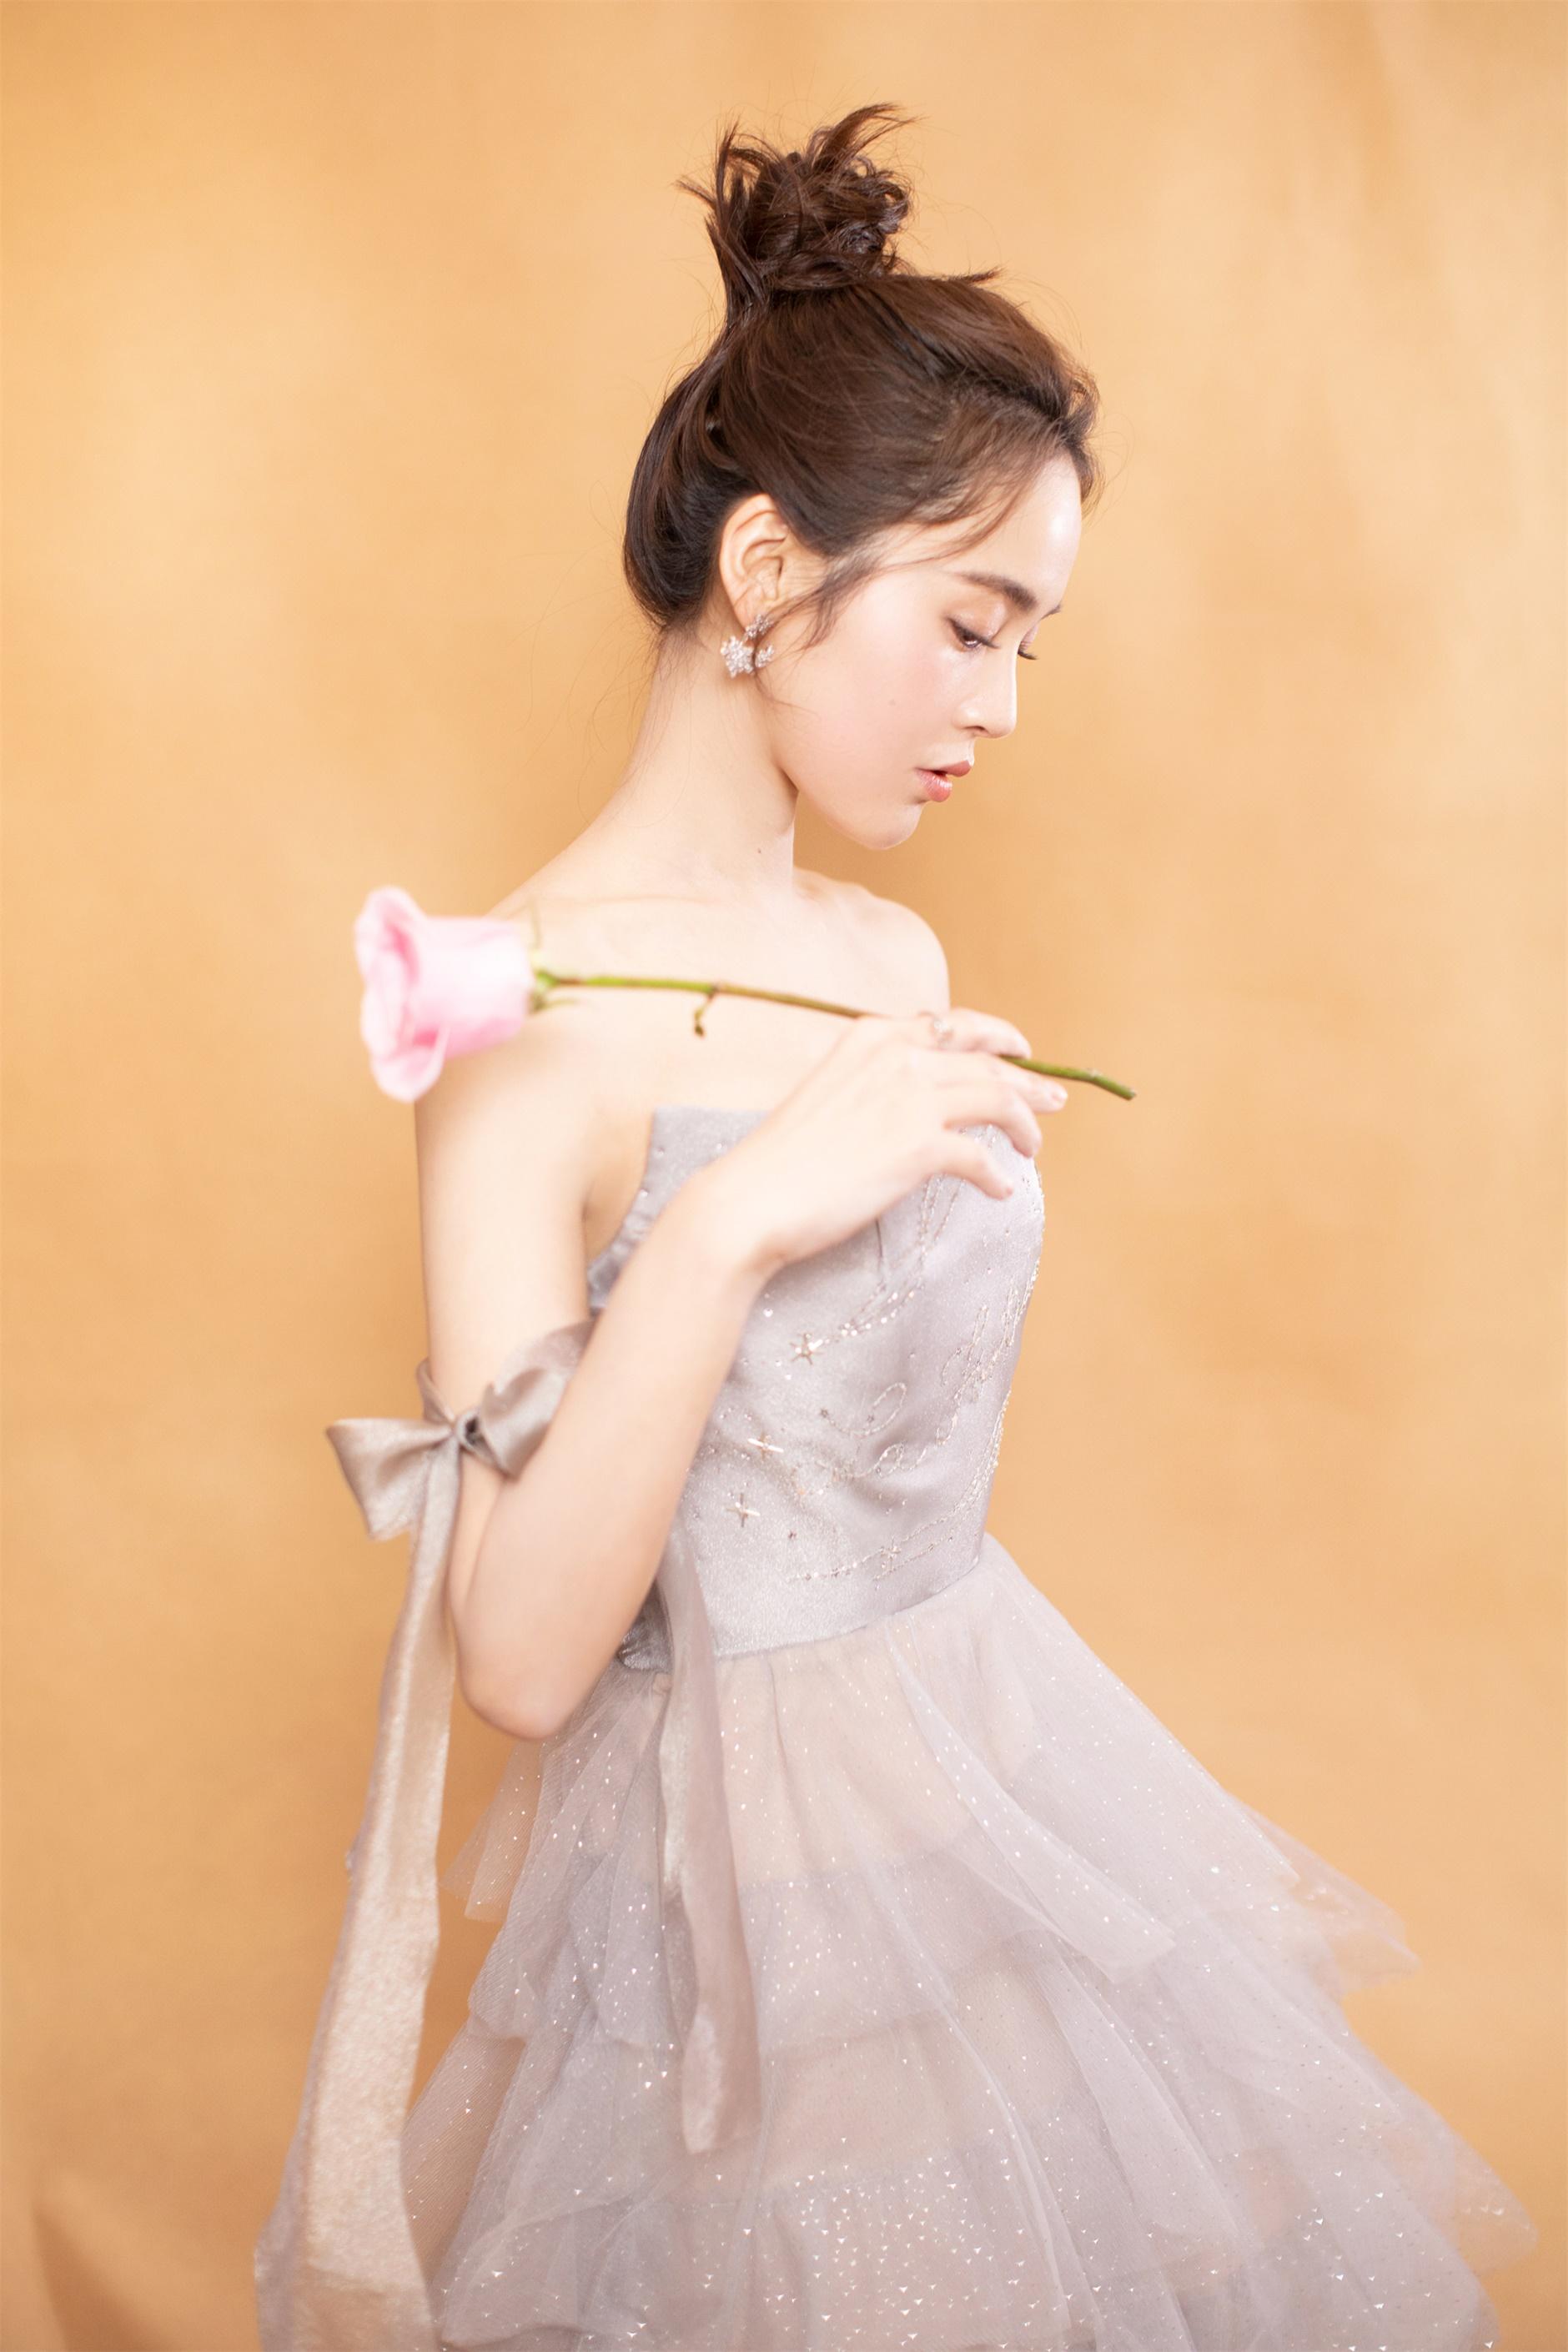 张佳宁女生姐弟a女生怎么办少女恋气质拒绝图片